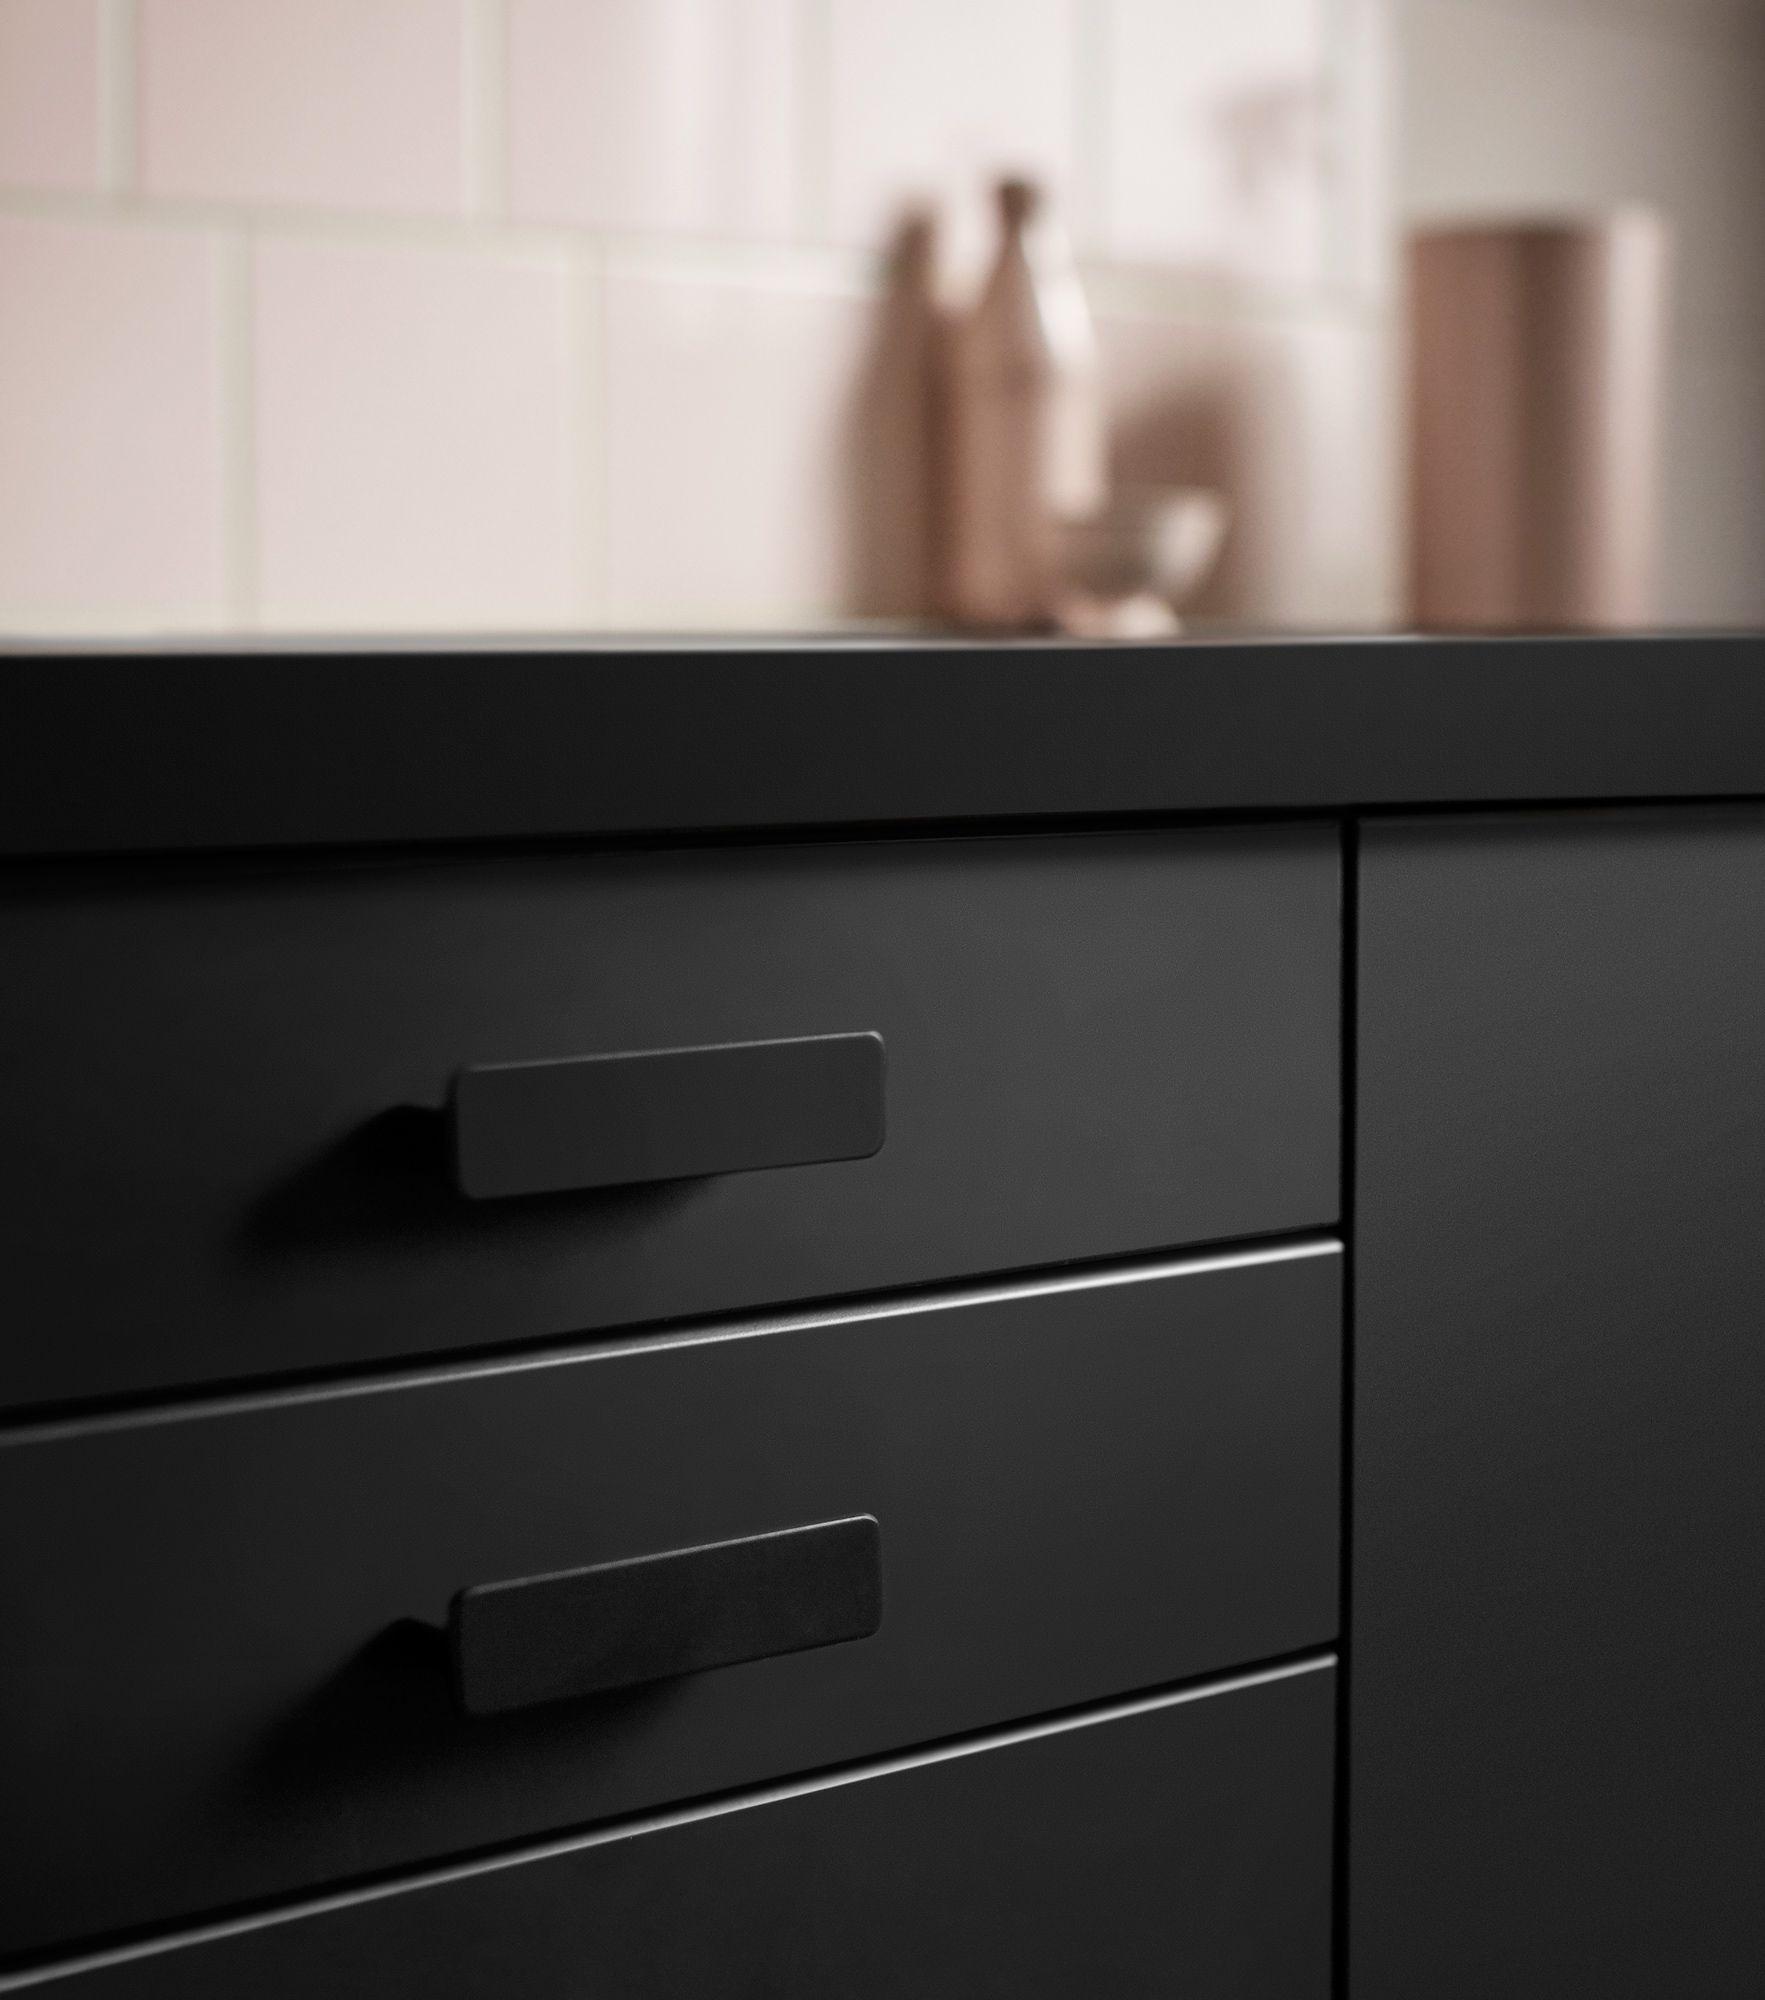 Kungsbacka kitchen - Afbeeldingsresultaat Voor Ikea Kungsbacka